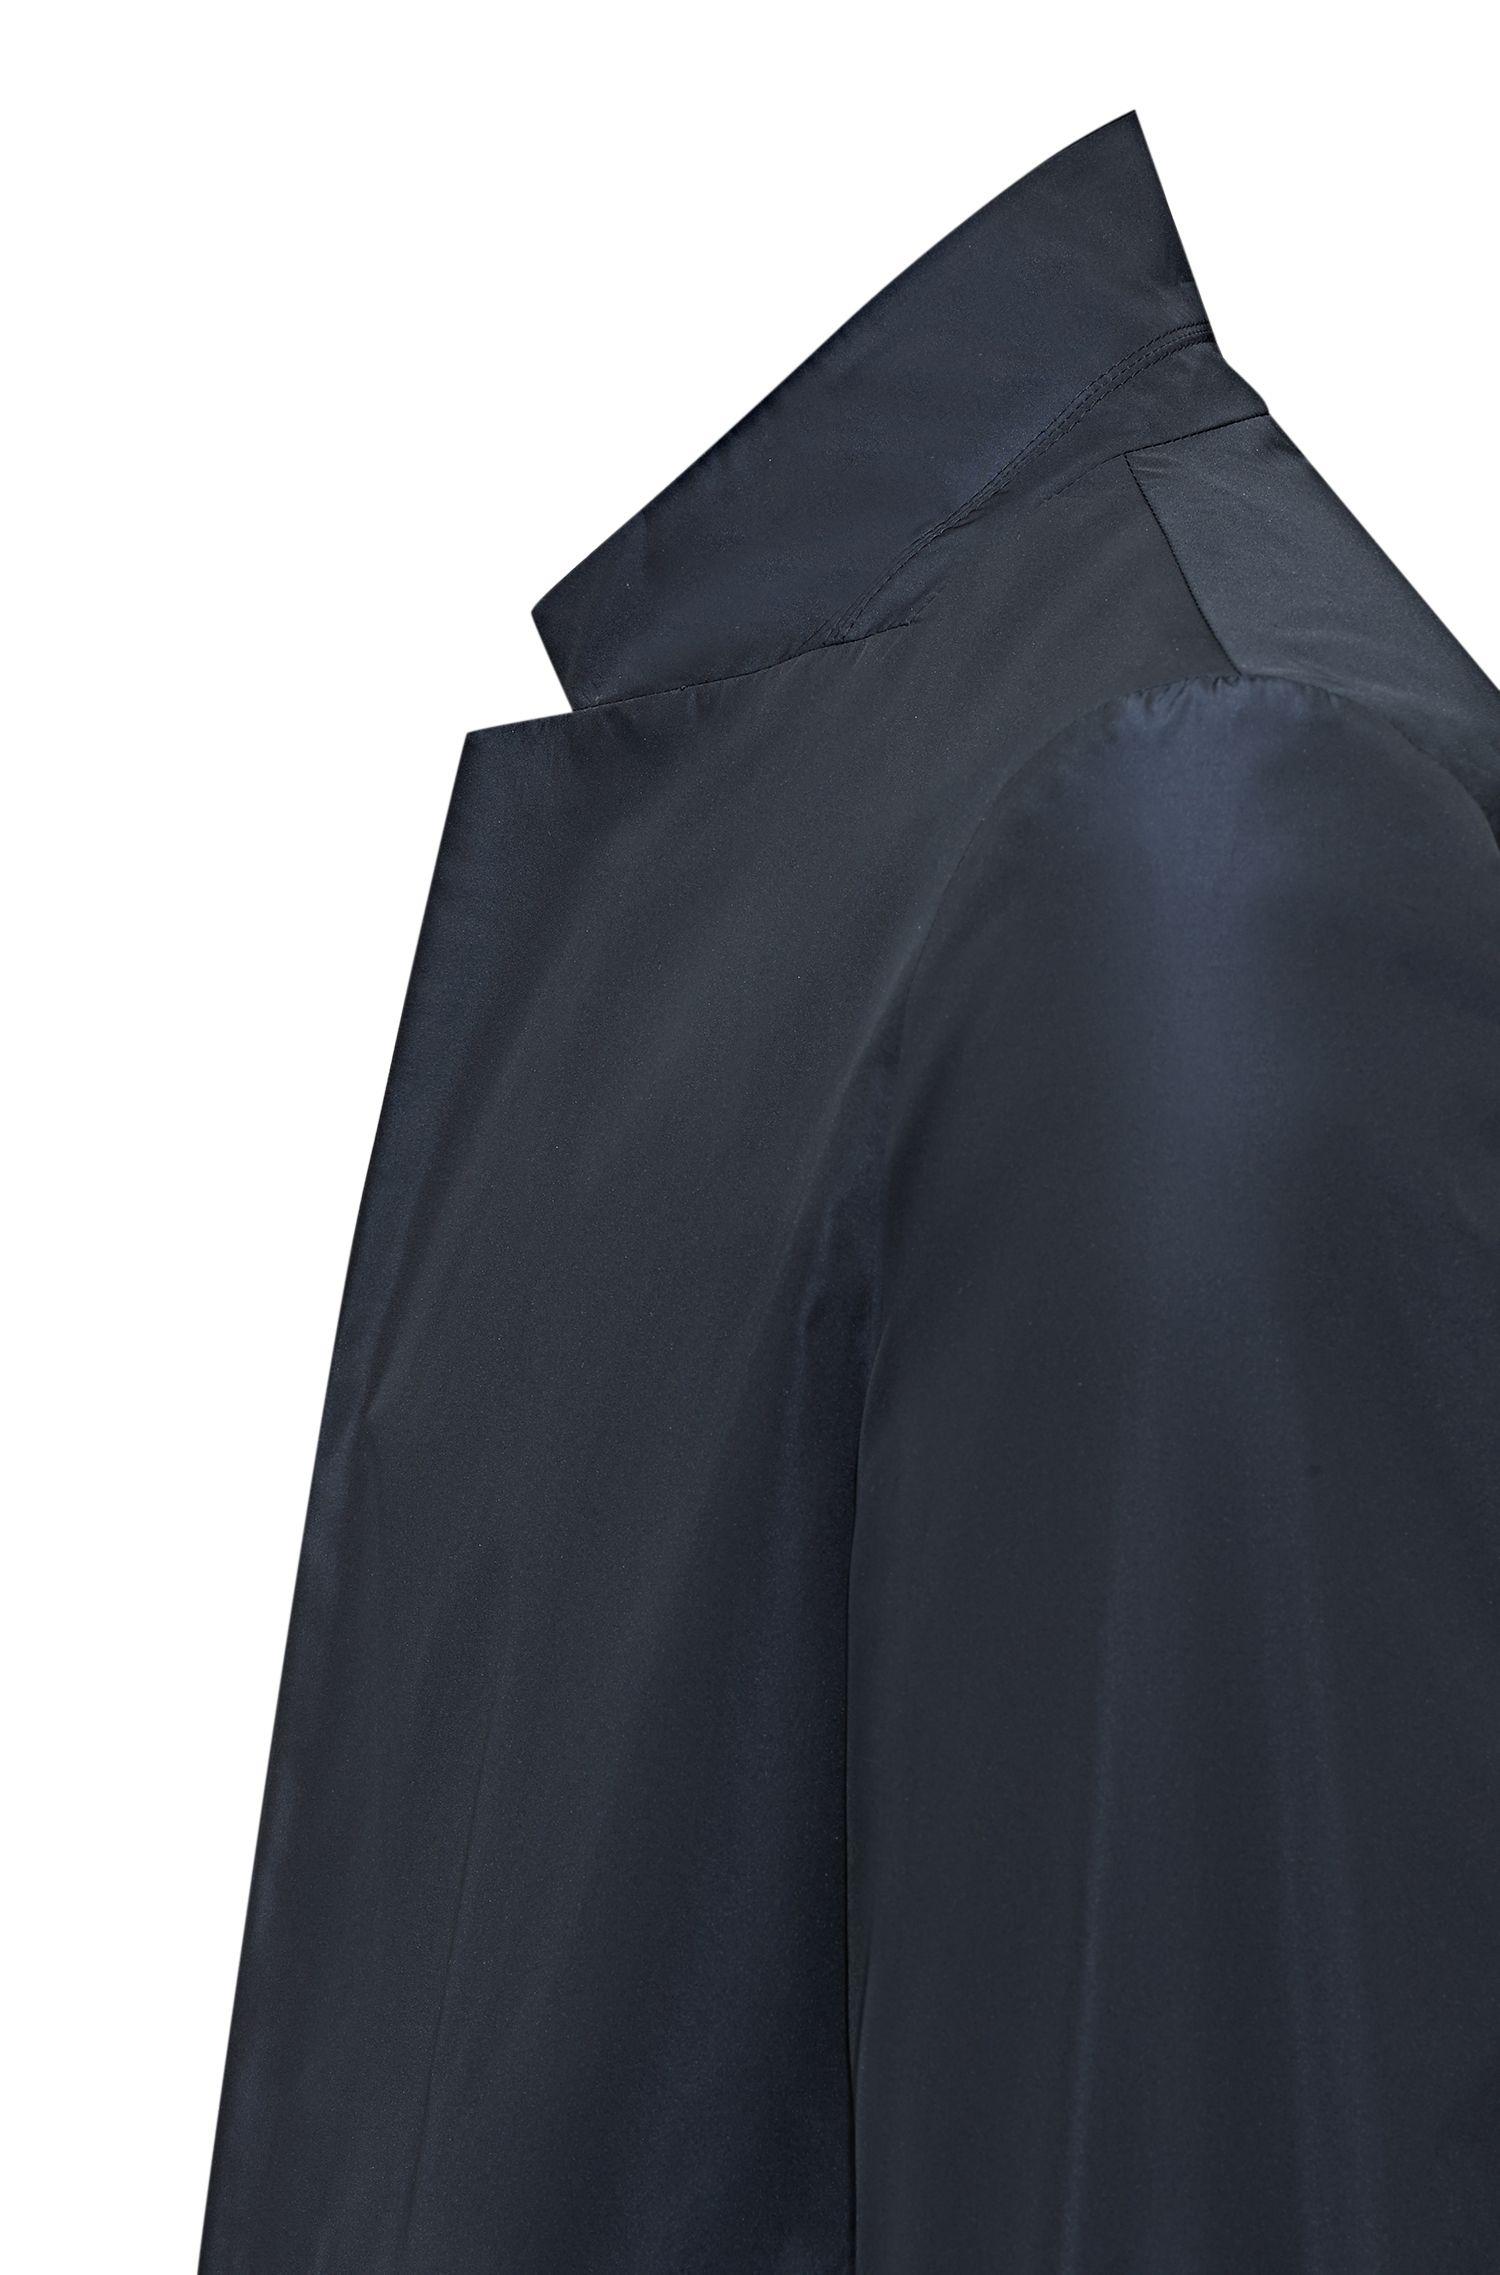 Blazer pliable, en tissu technique réversible, Bleu foncé